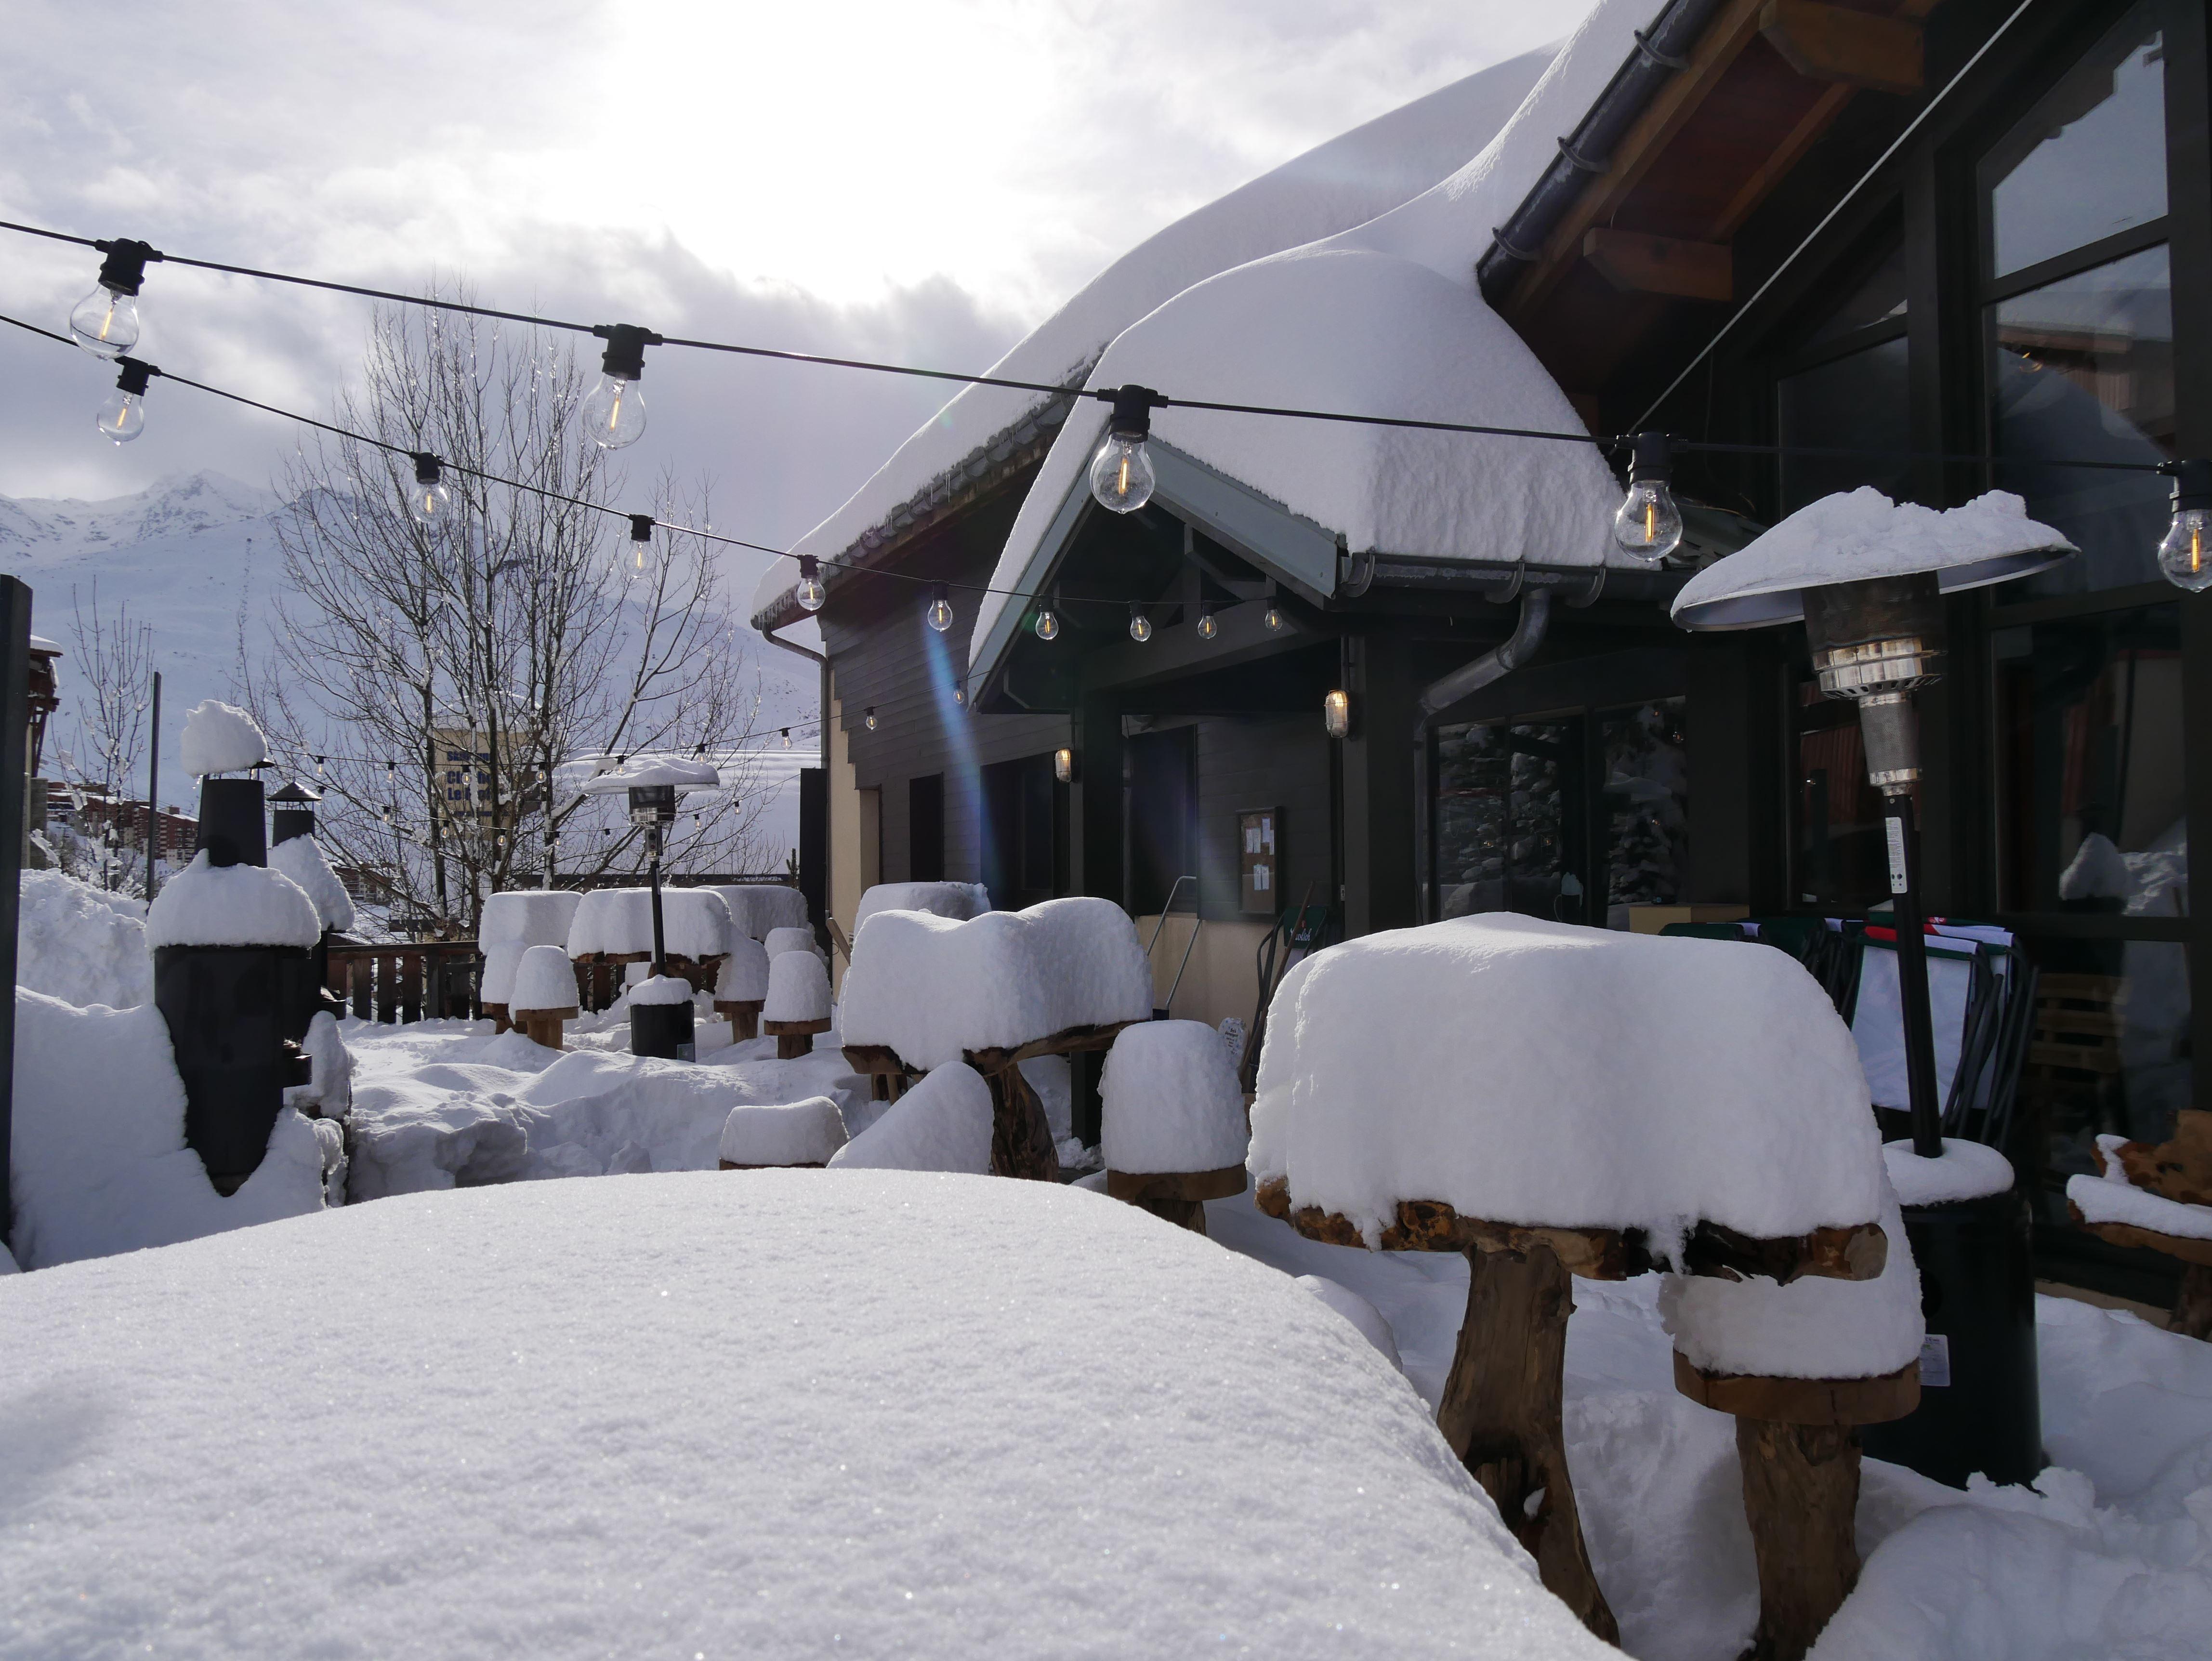 Hôtel skis aux pieds / HO36 LES MENUIRES